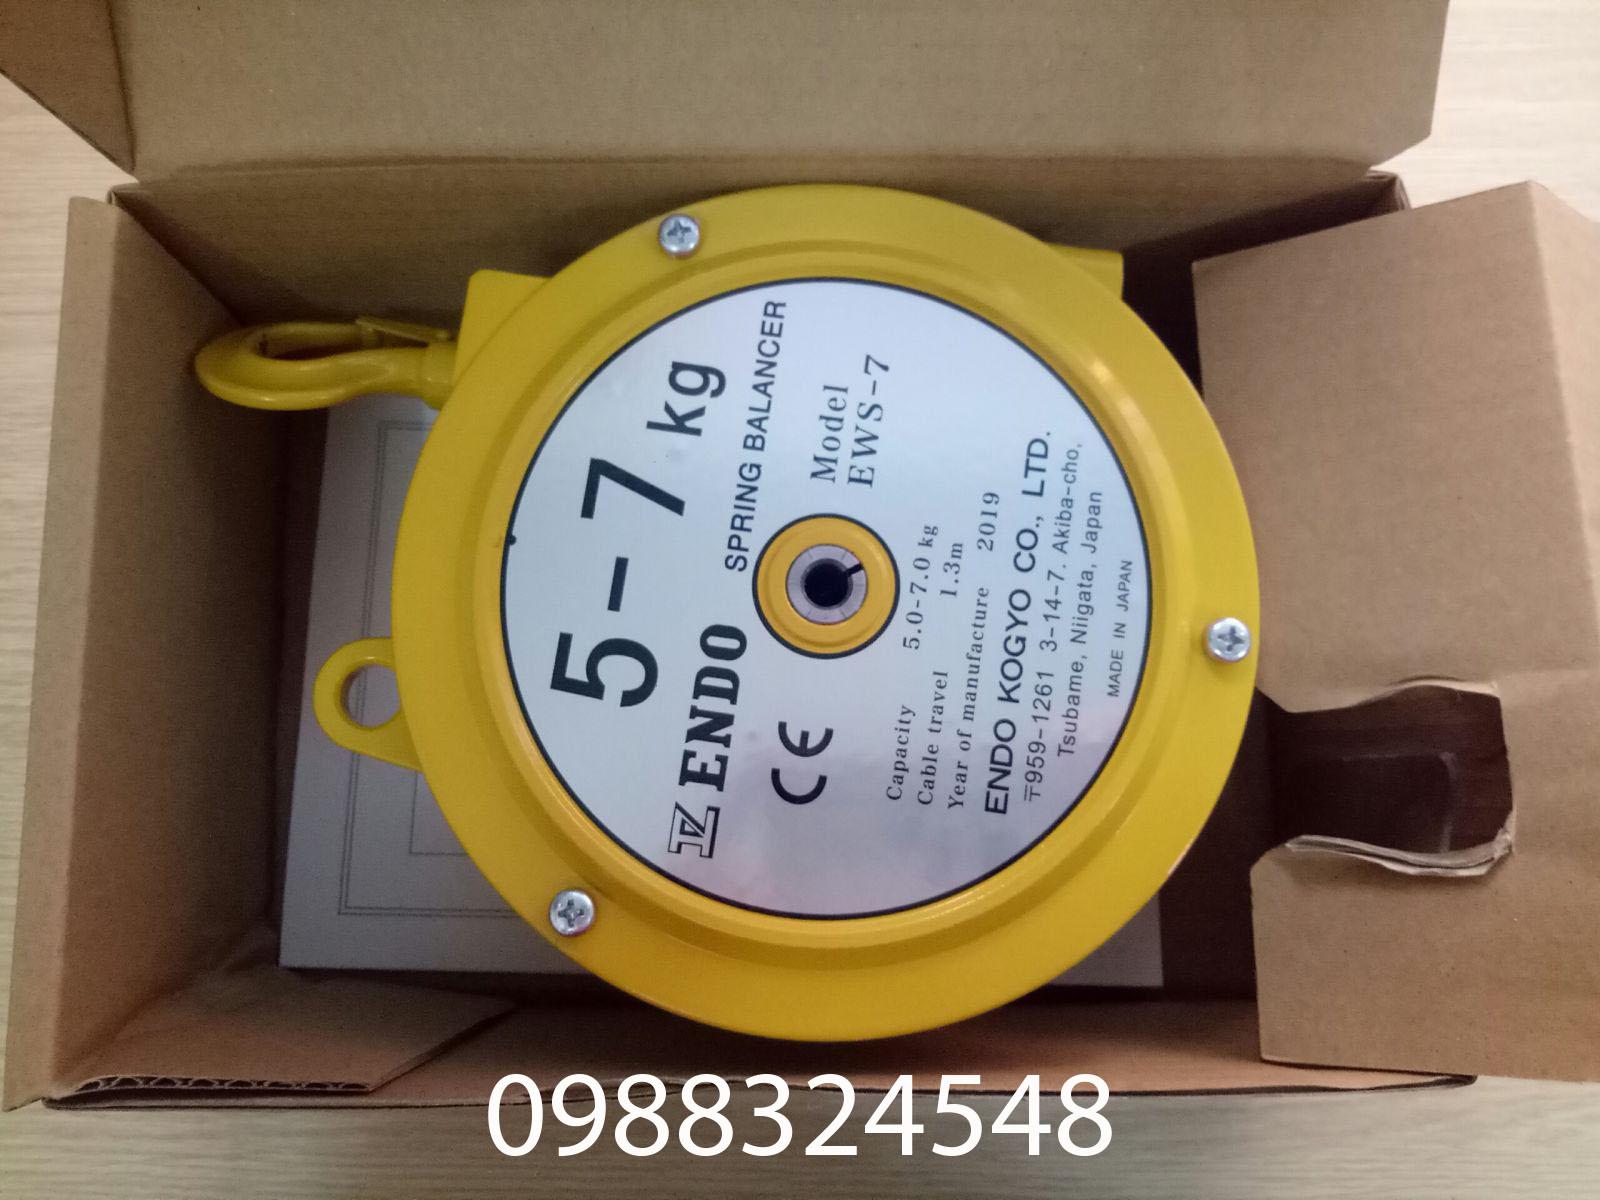 Pa lăng cân bằng Endo EWS-7, tải trọng: 5-7kg